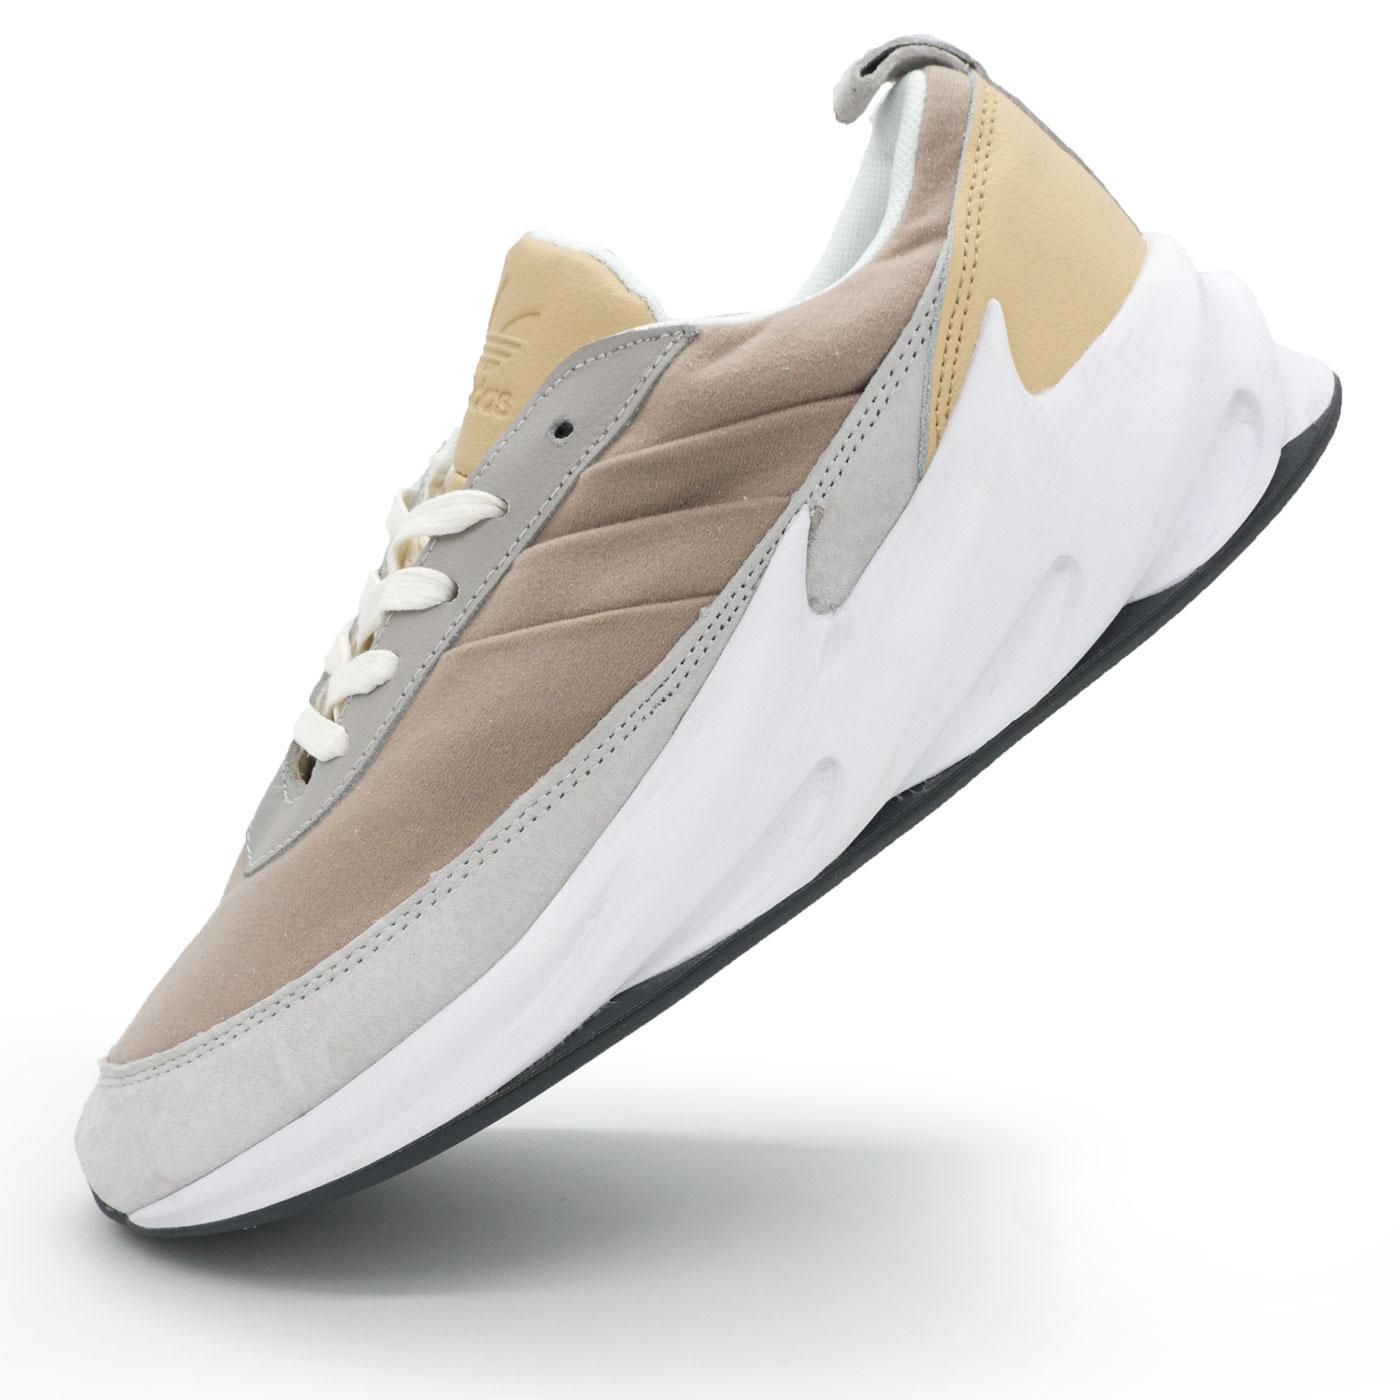 фото main Мужские кроссовки Adidas Sharks бежевые. Топ качество! main